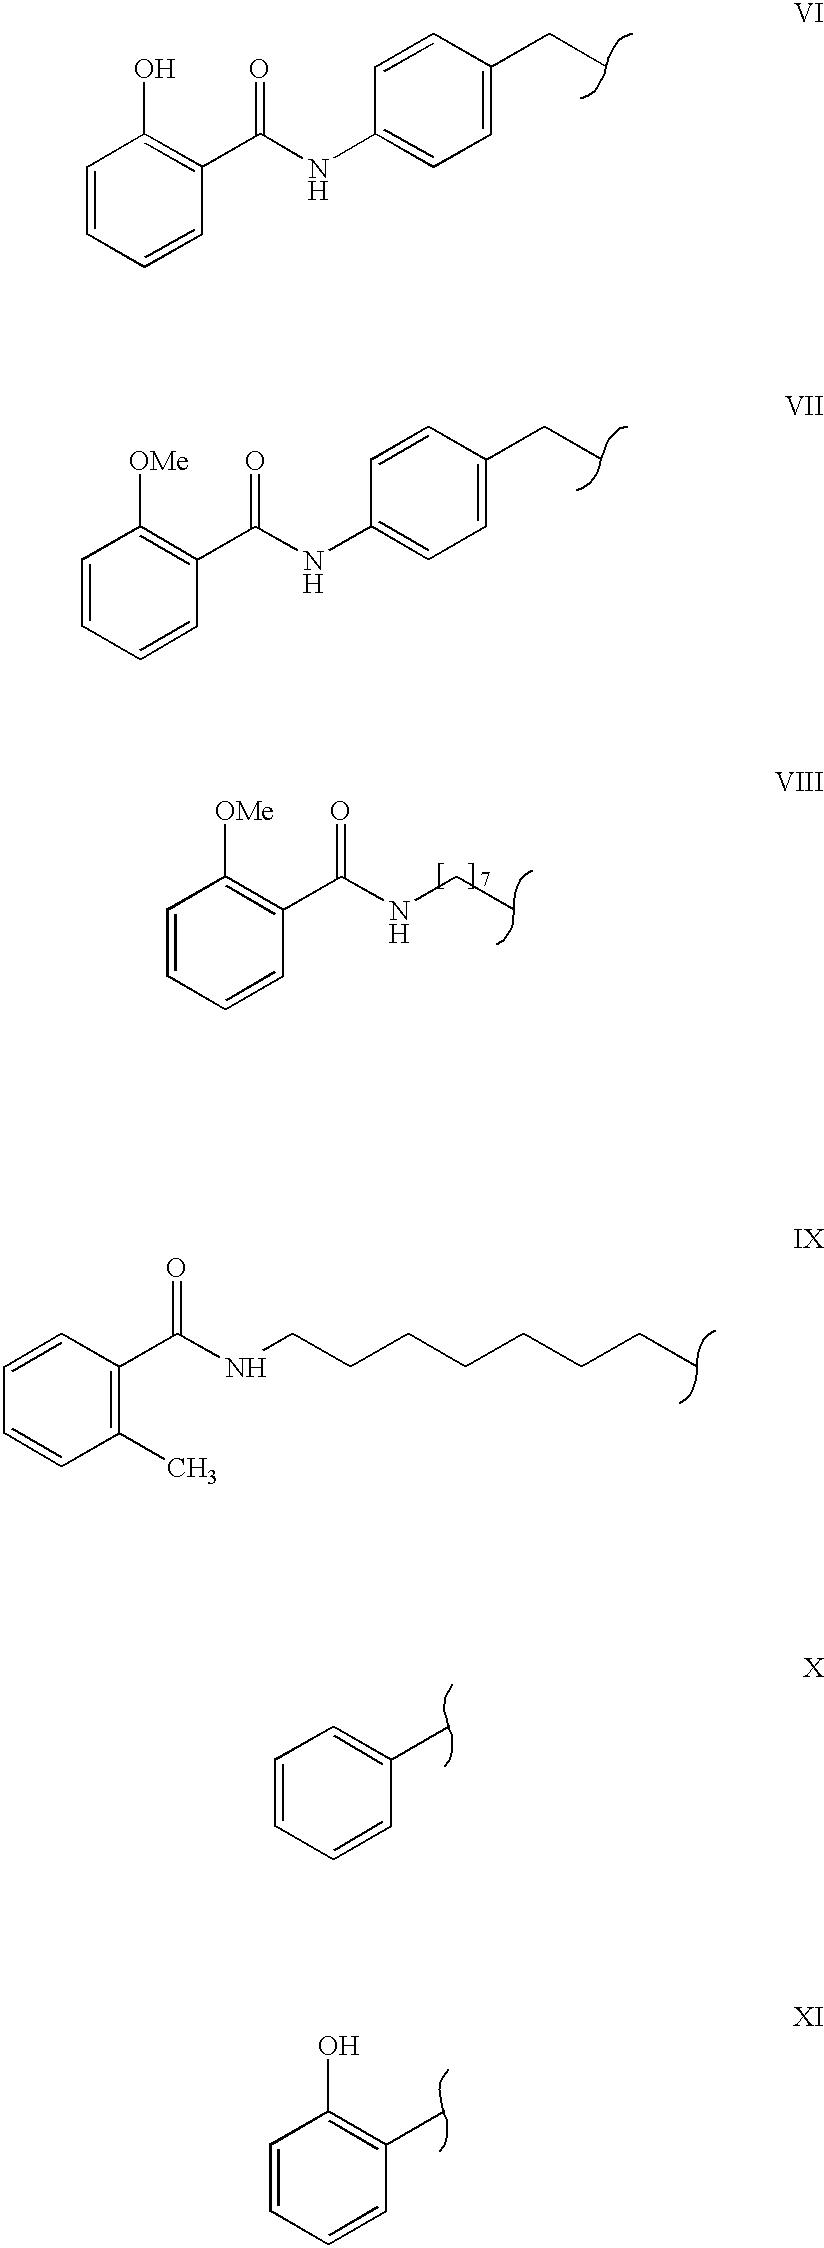 Figure US06627228-20030930-C00021